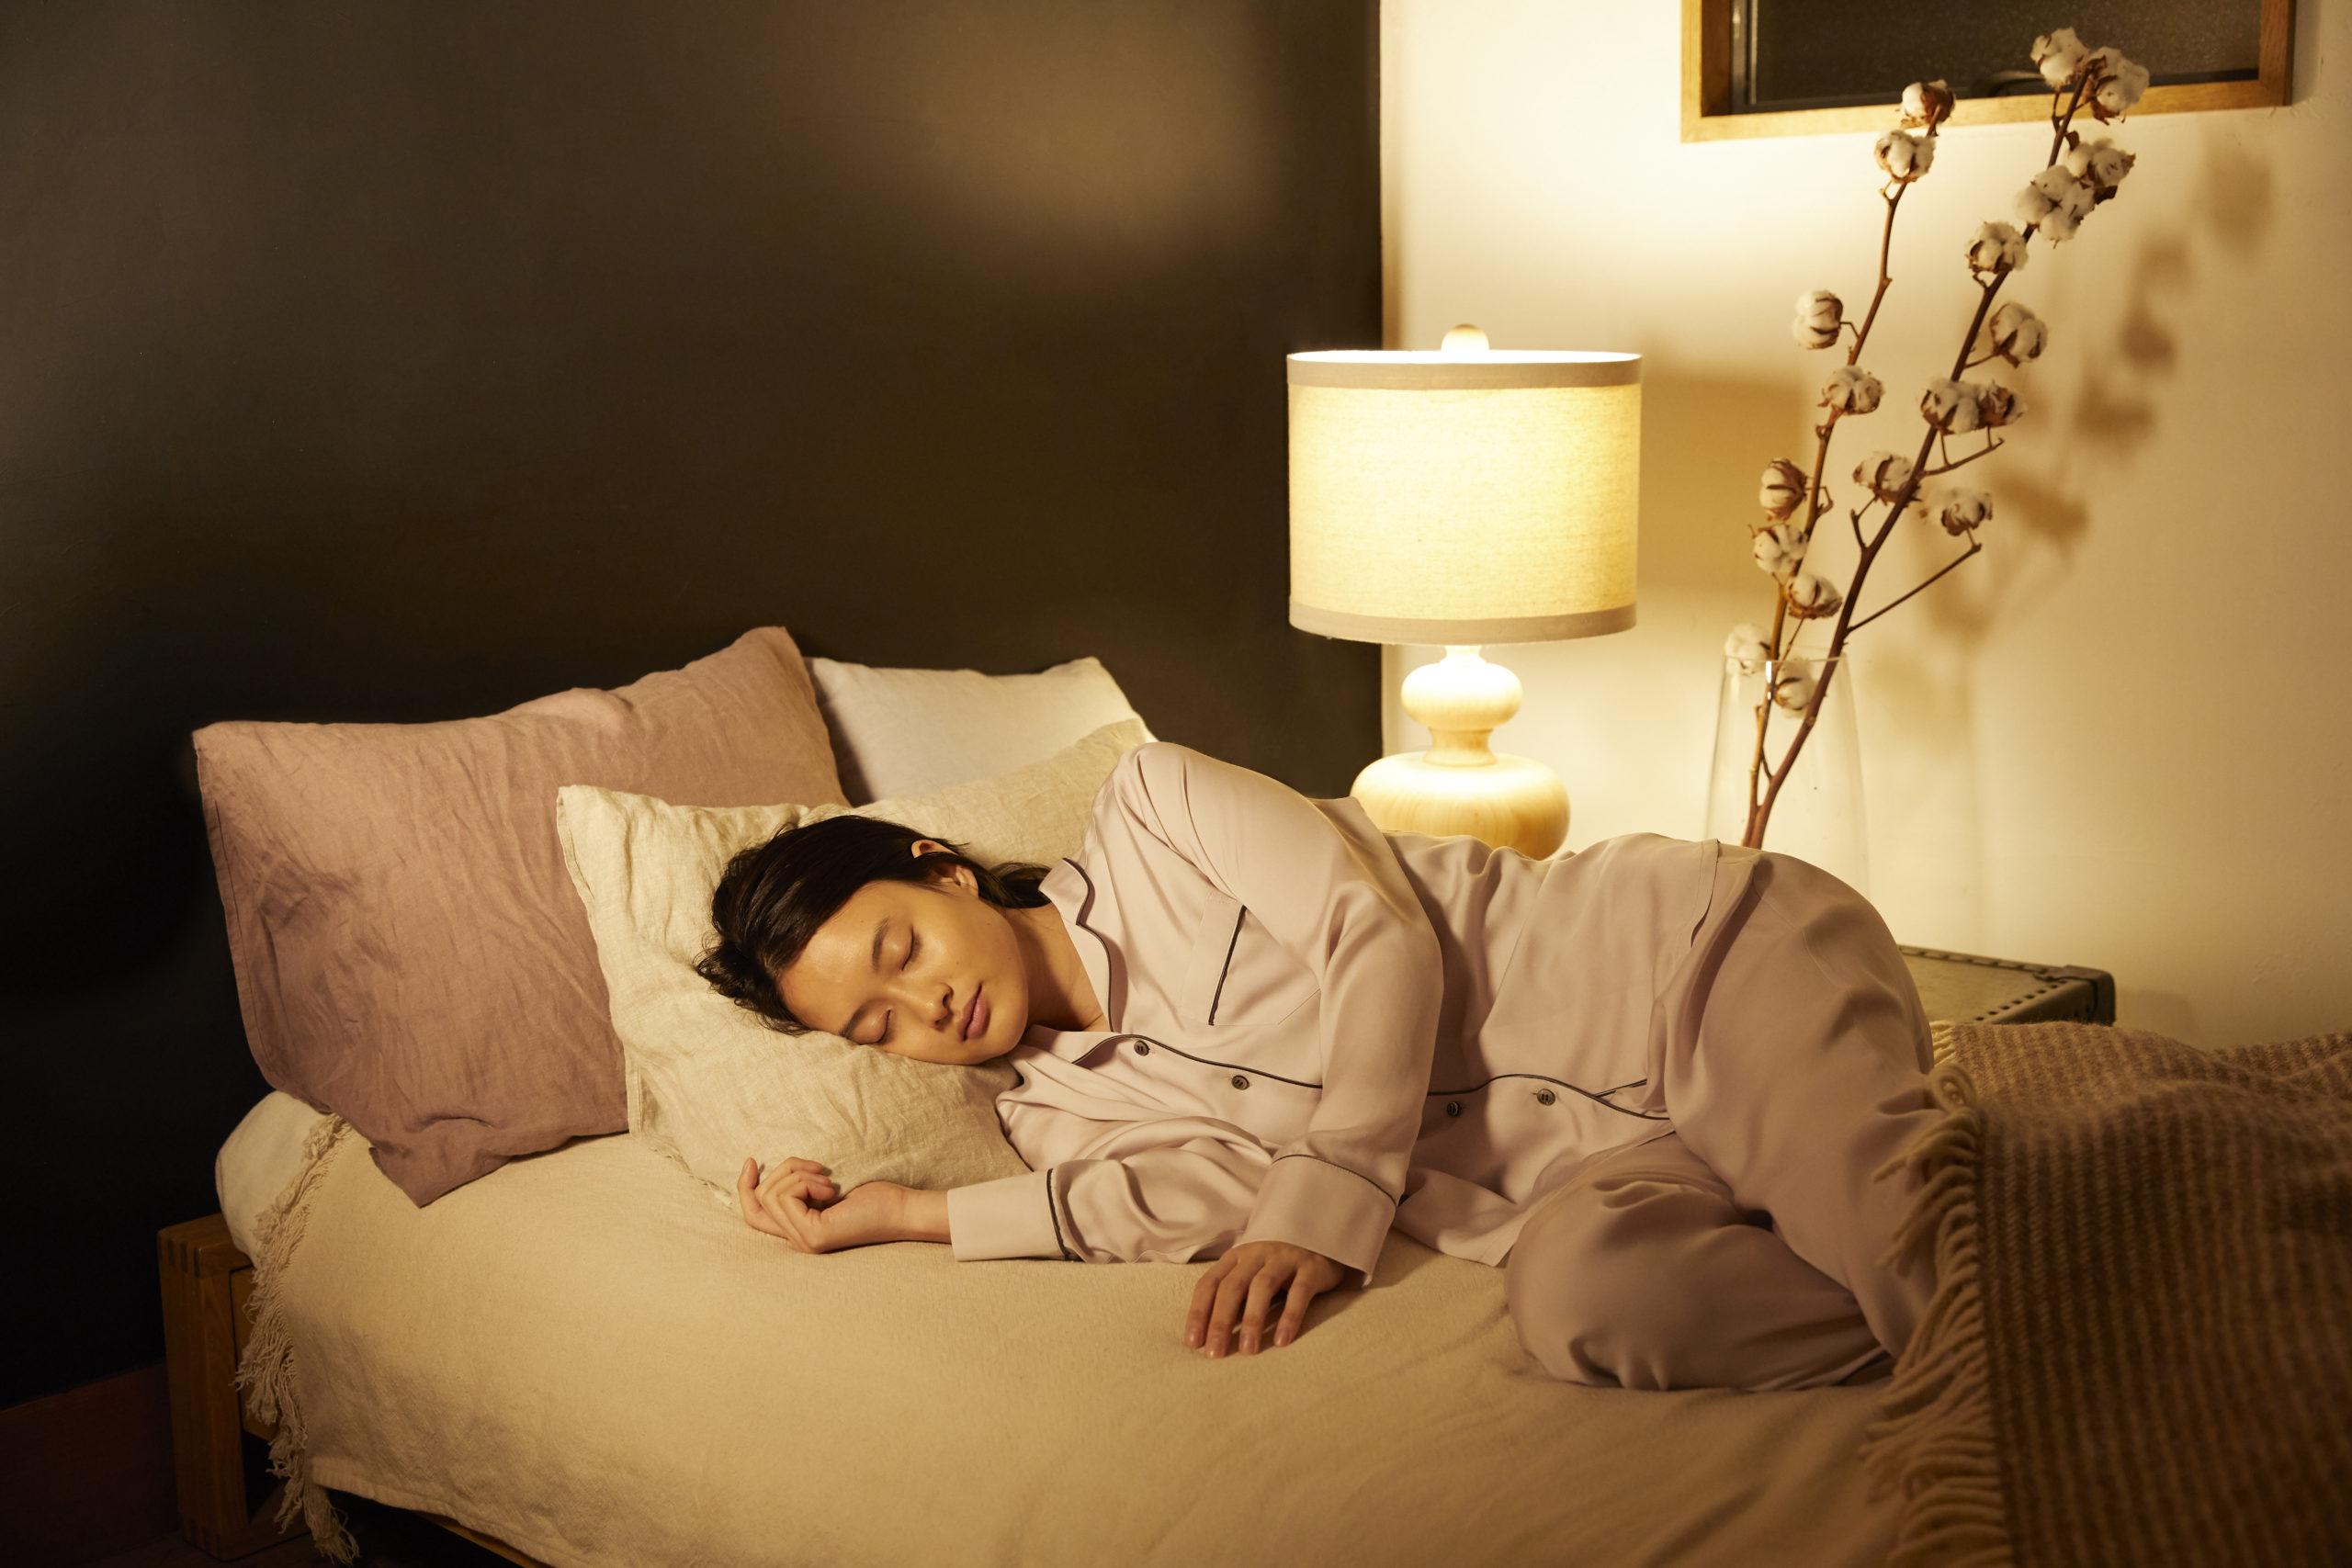 レム睡眠とノンレム睡眠の役割